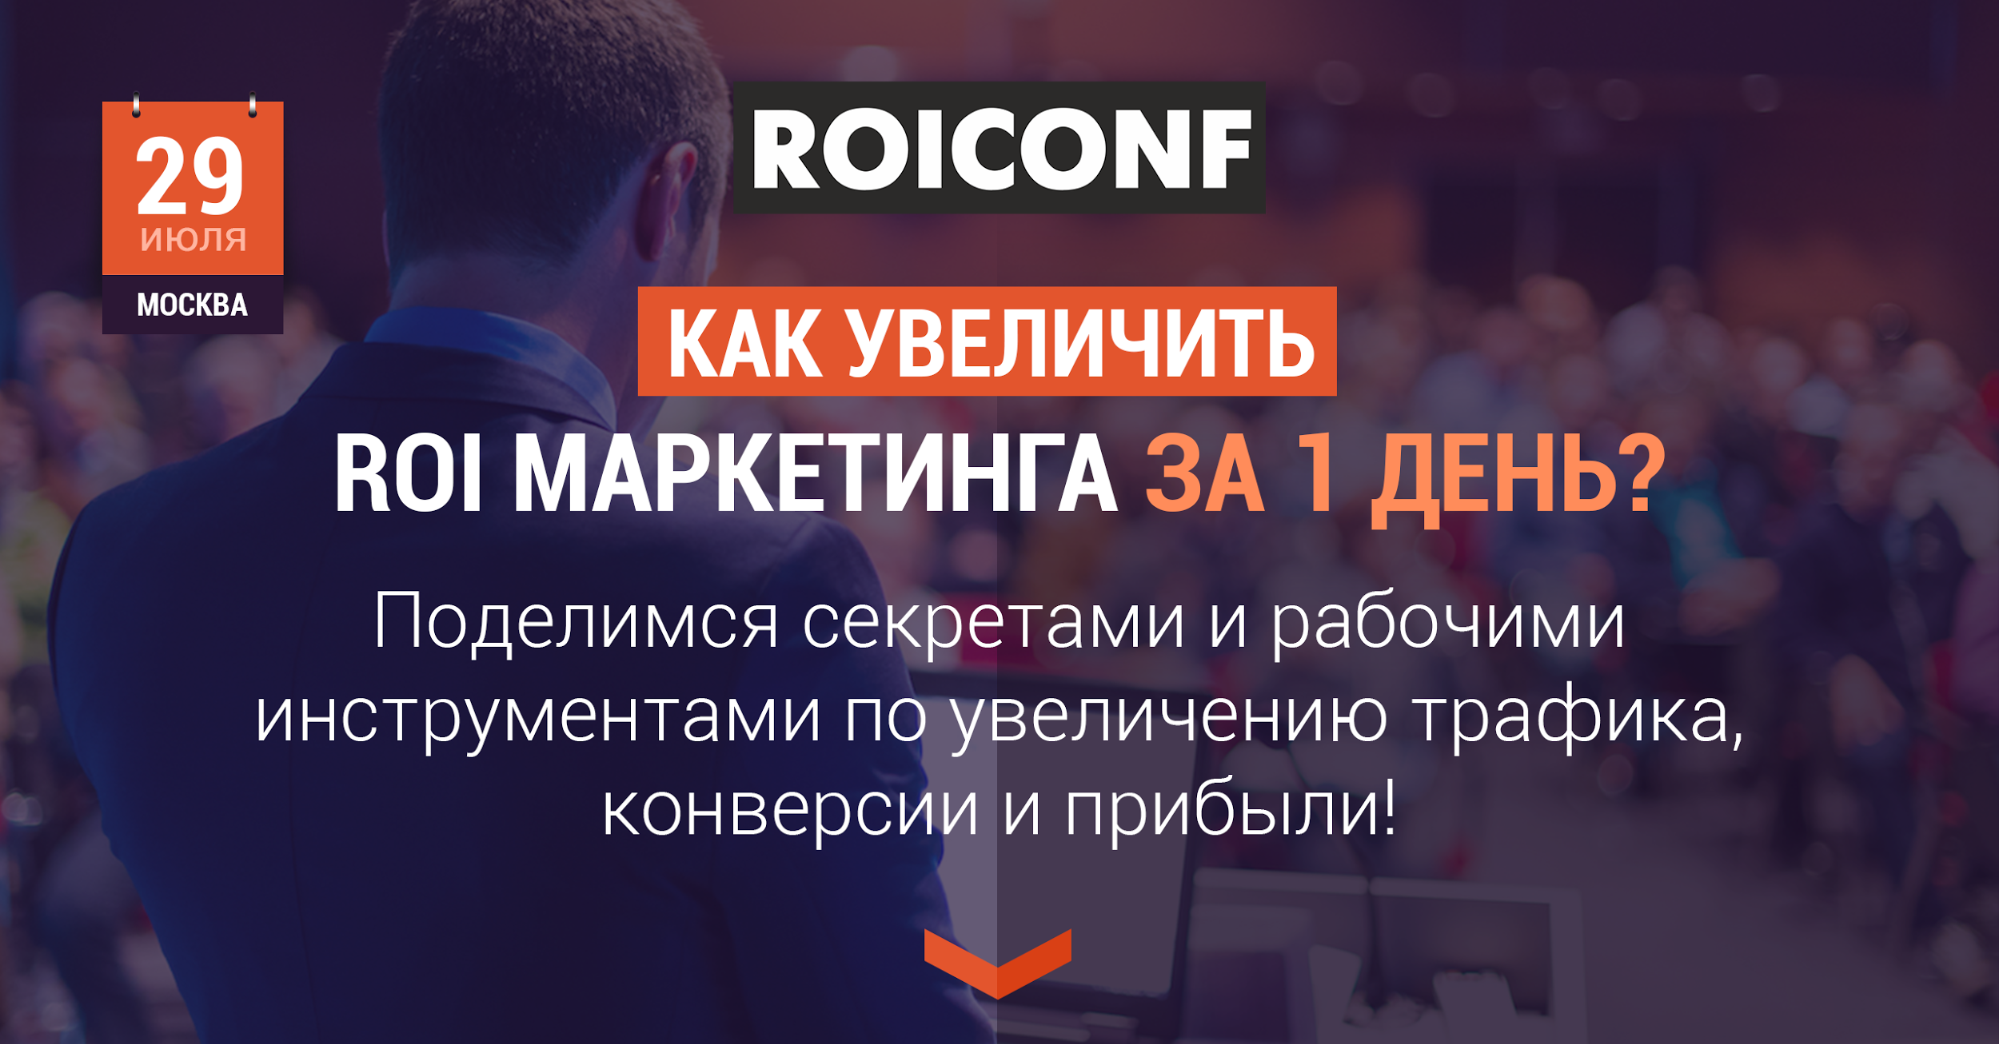 Примите участие в «ROICONF 2016» — практической конференции по интернет-маркетингу!